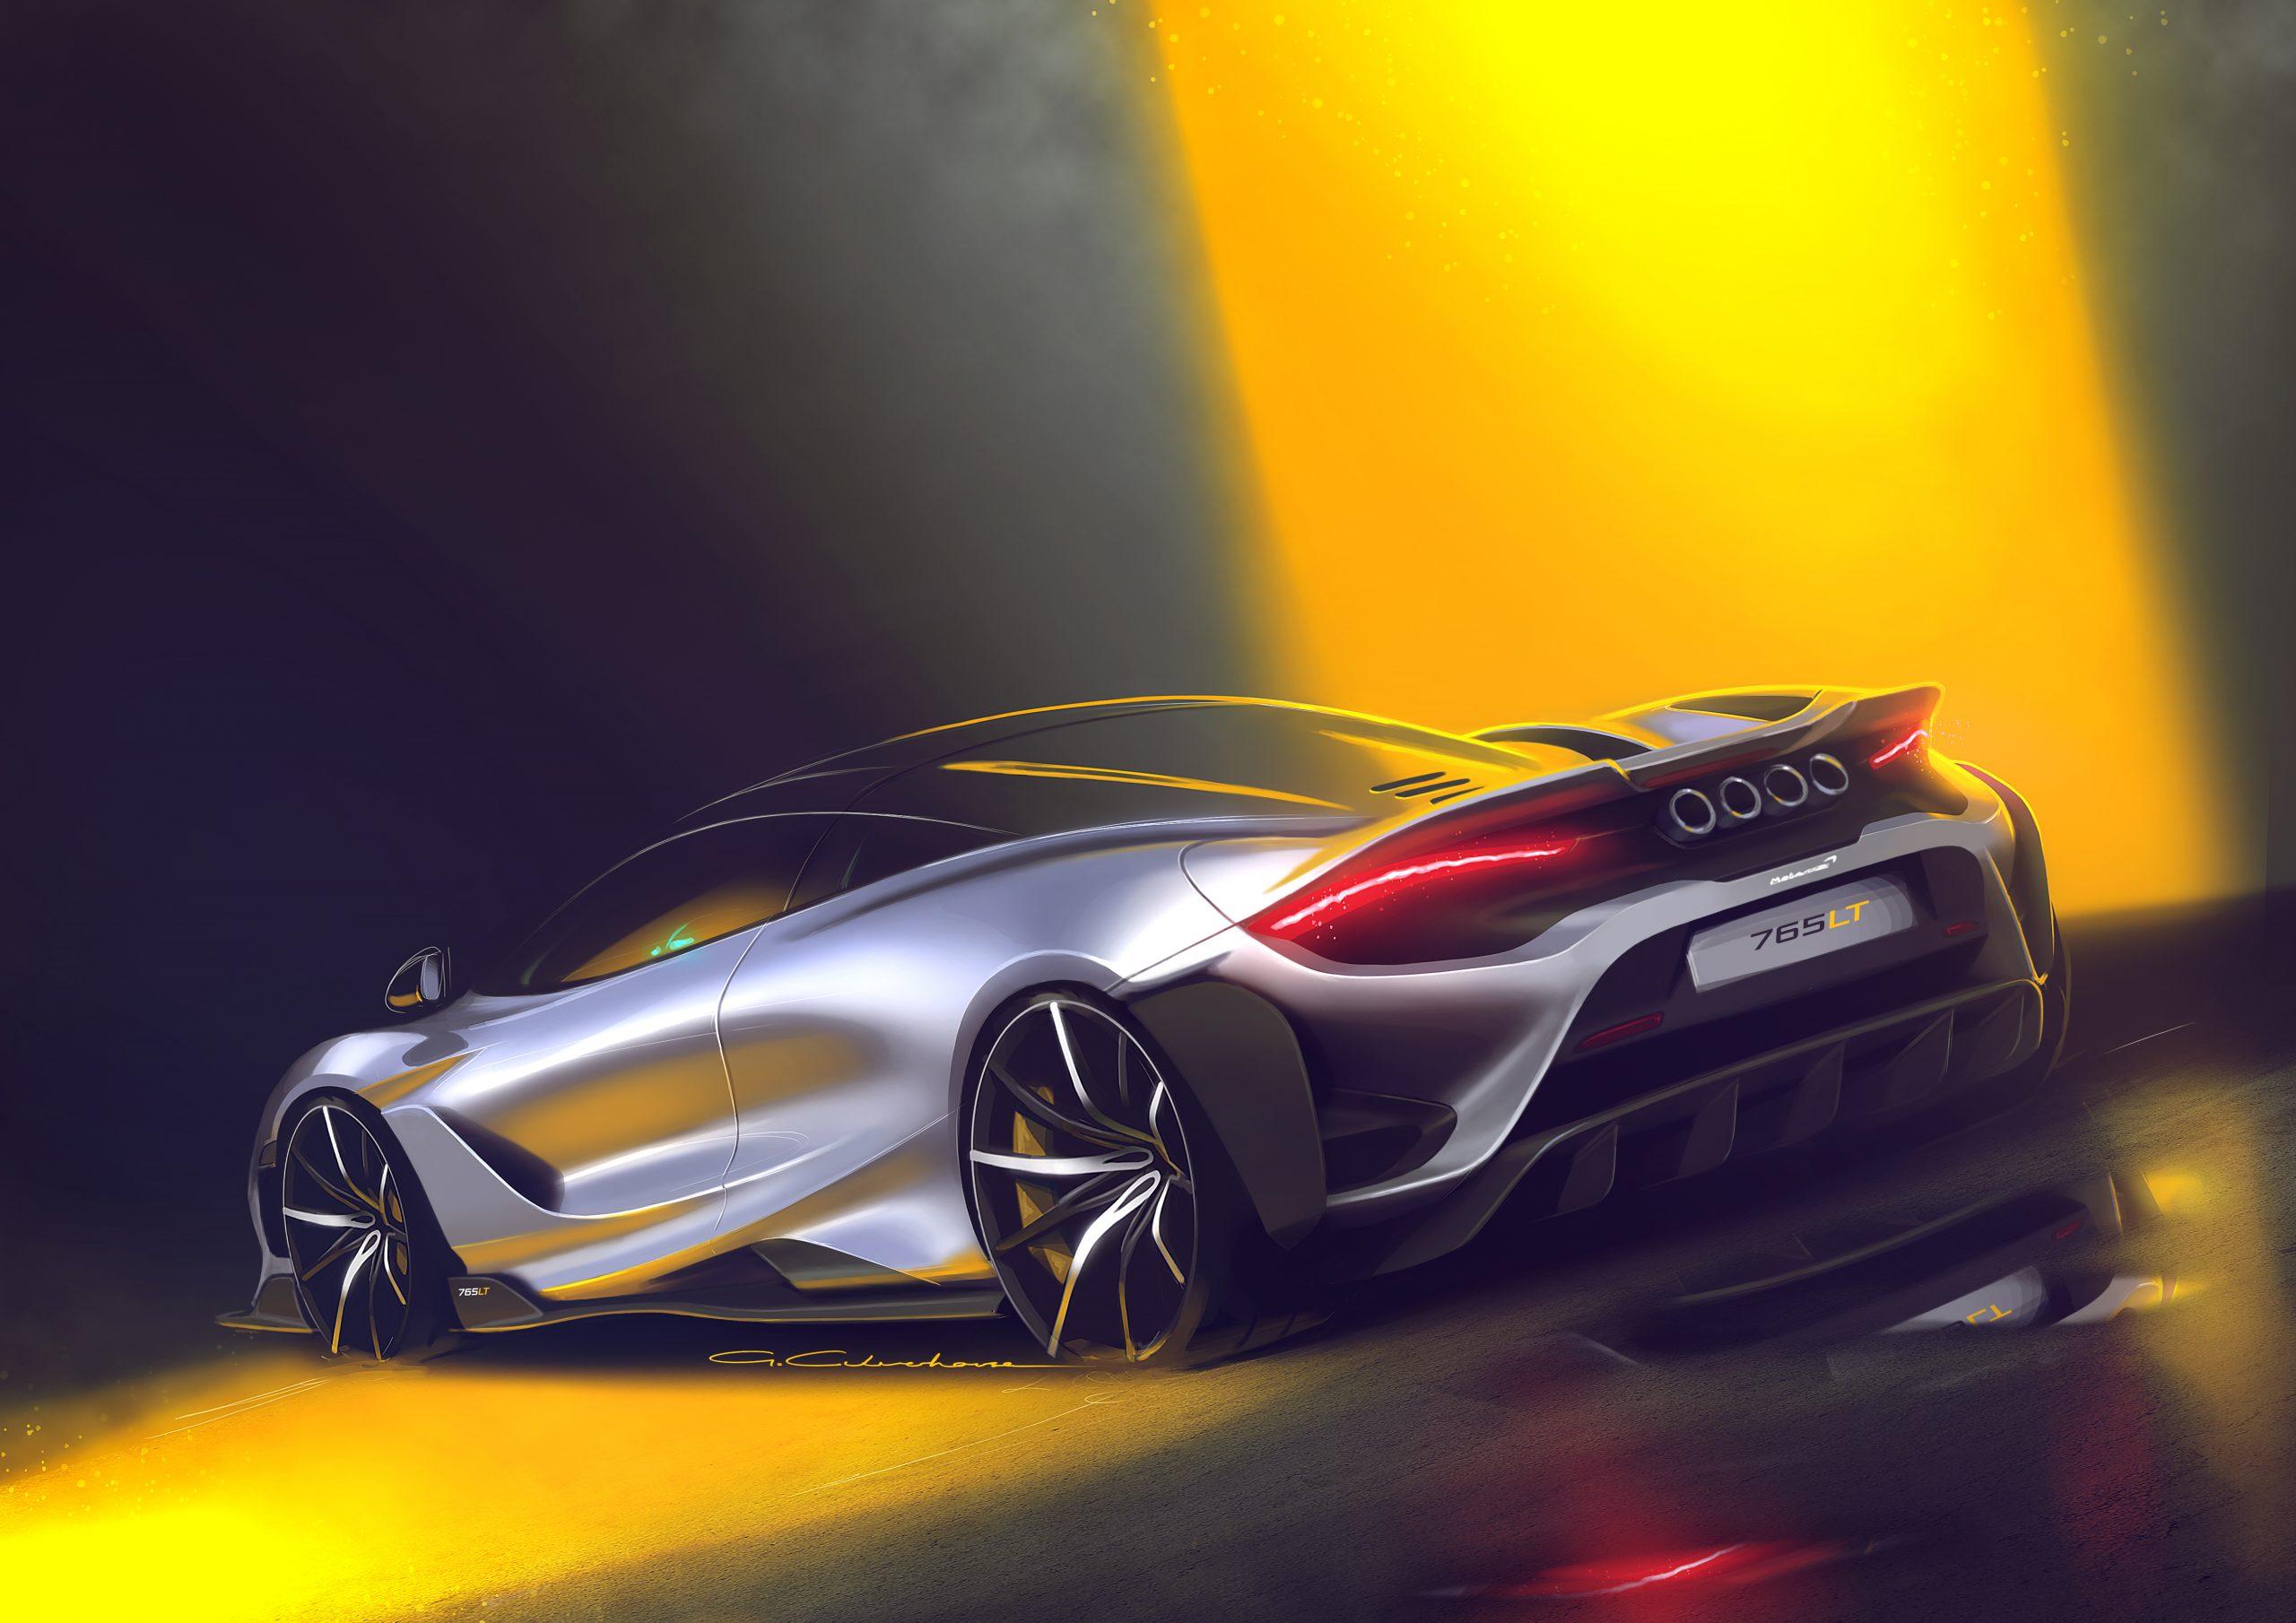 McLaren 765LT sketch 1